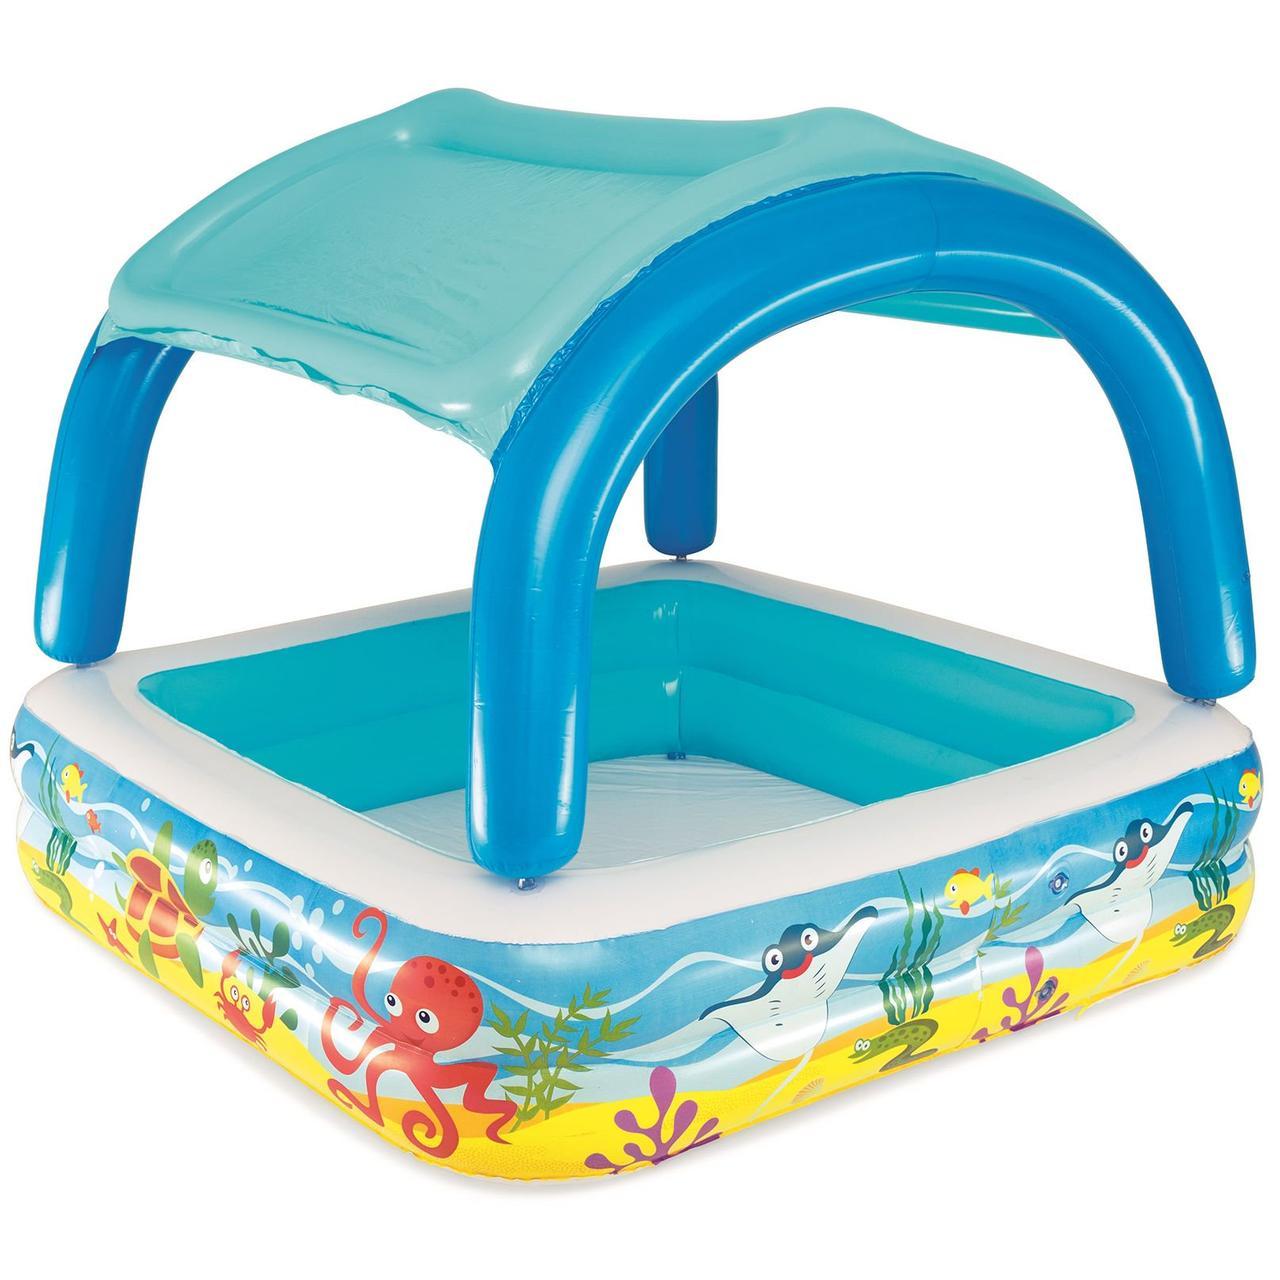 Детский надувной бассейн Bestway с навесом, 147х147х122 см  (52192)